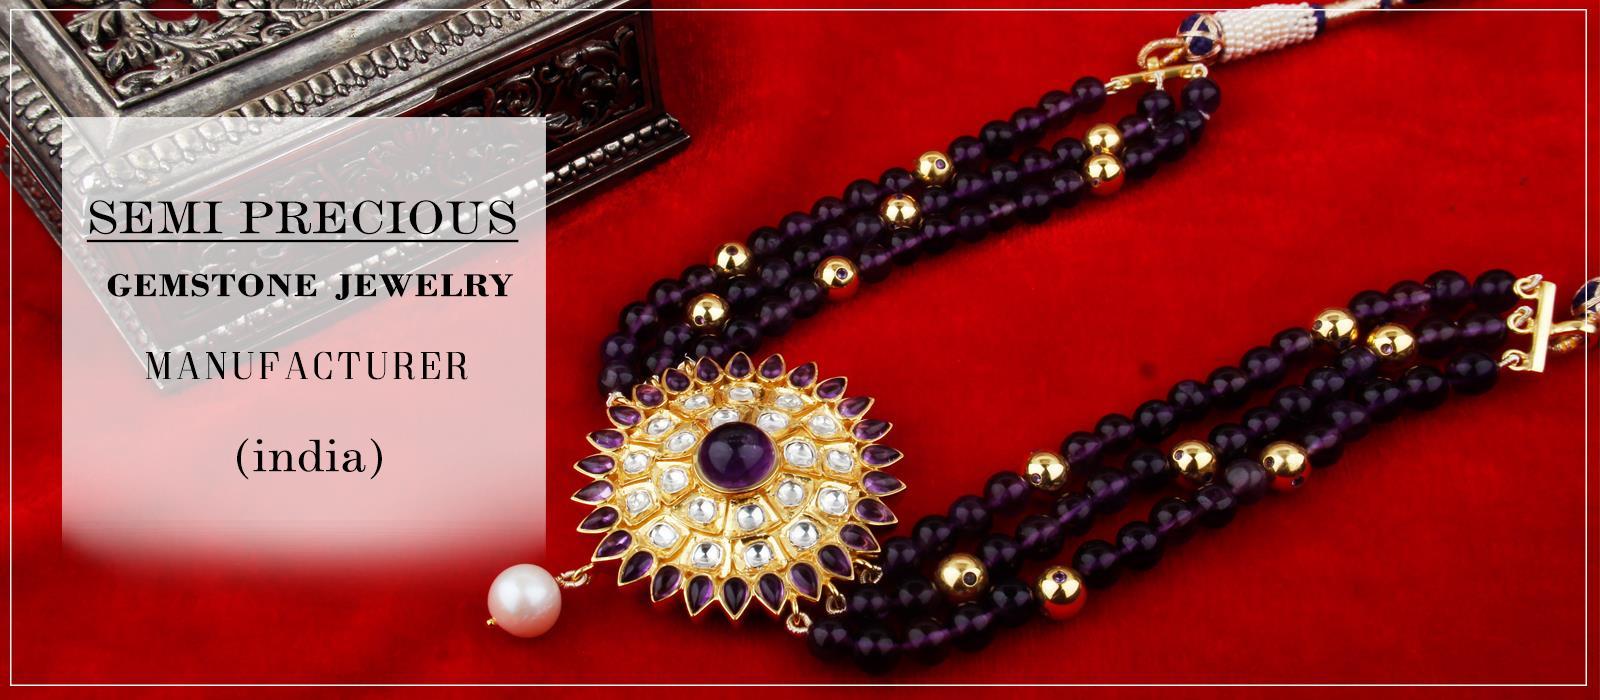 7c06fdb36 semi precious stone jewelry, wholesale semi precious gemstone jewelry  india, indian semi precious gemstone